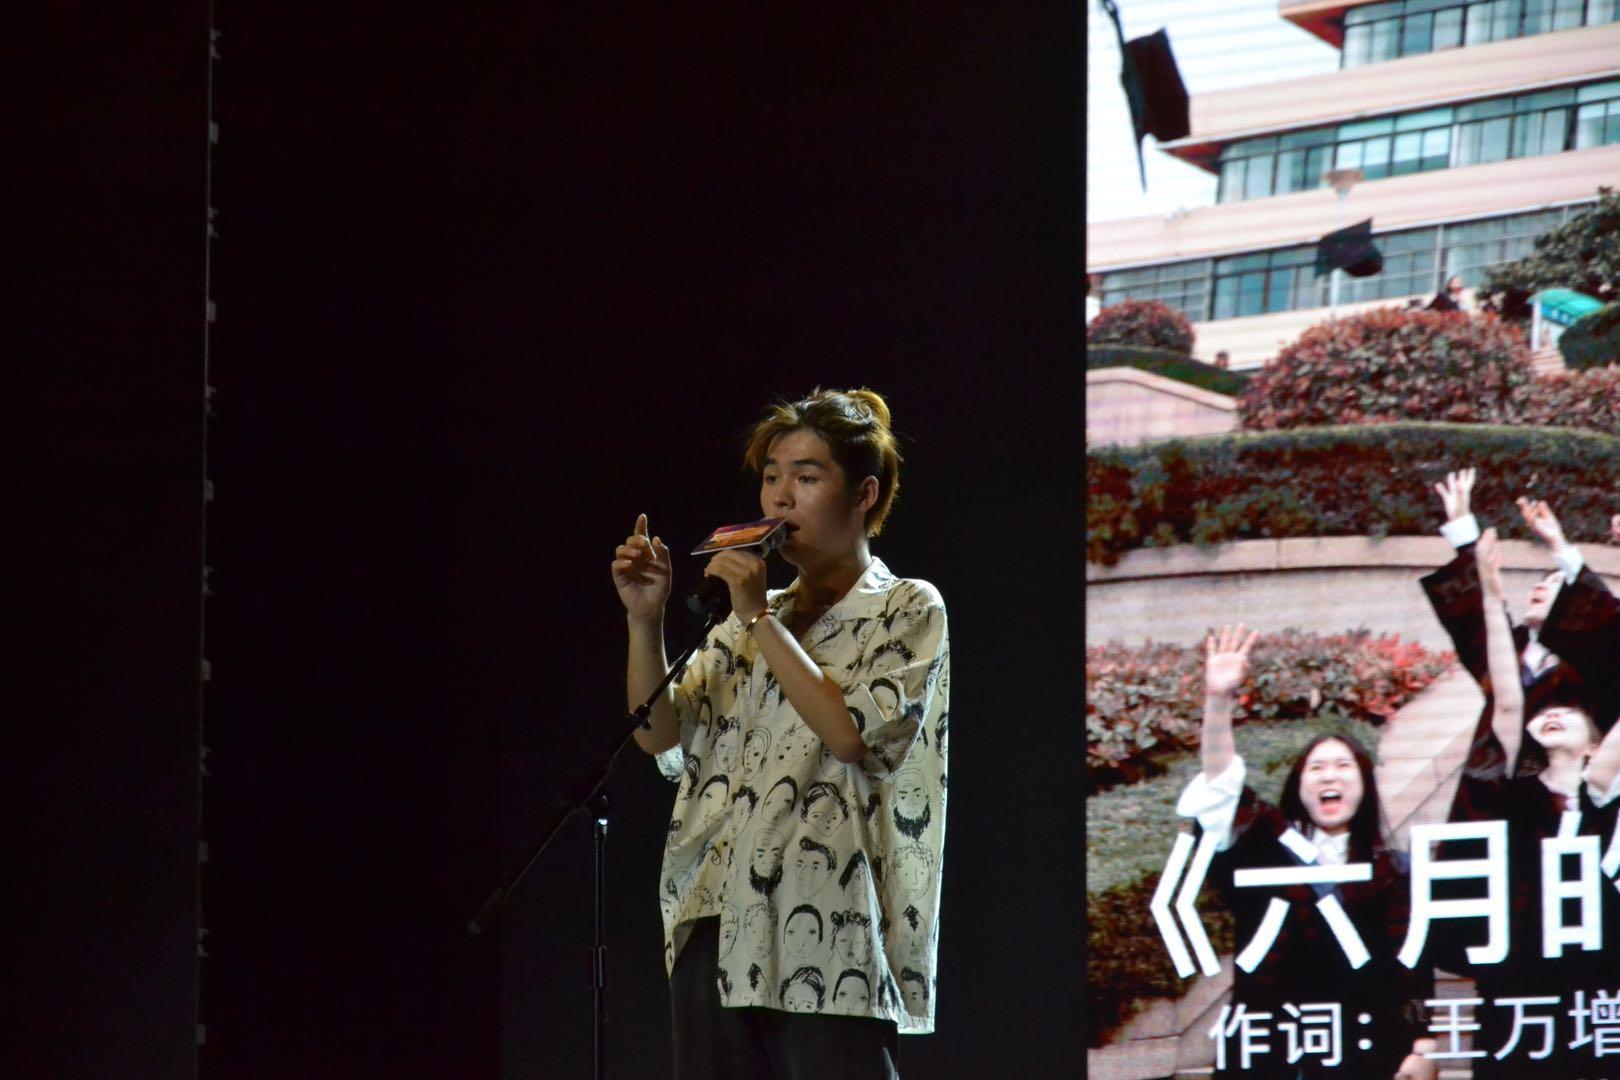 生化危機2重制版:青大展演原創音樂 服務青島音樂之島建設